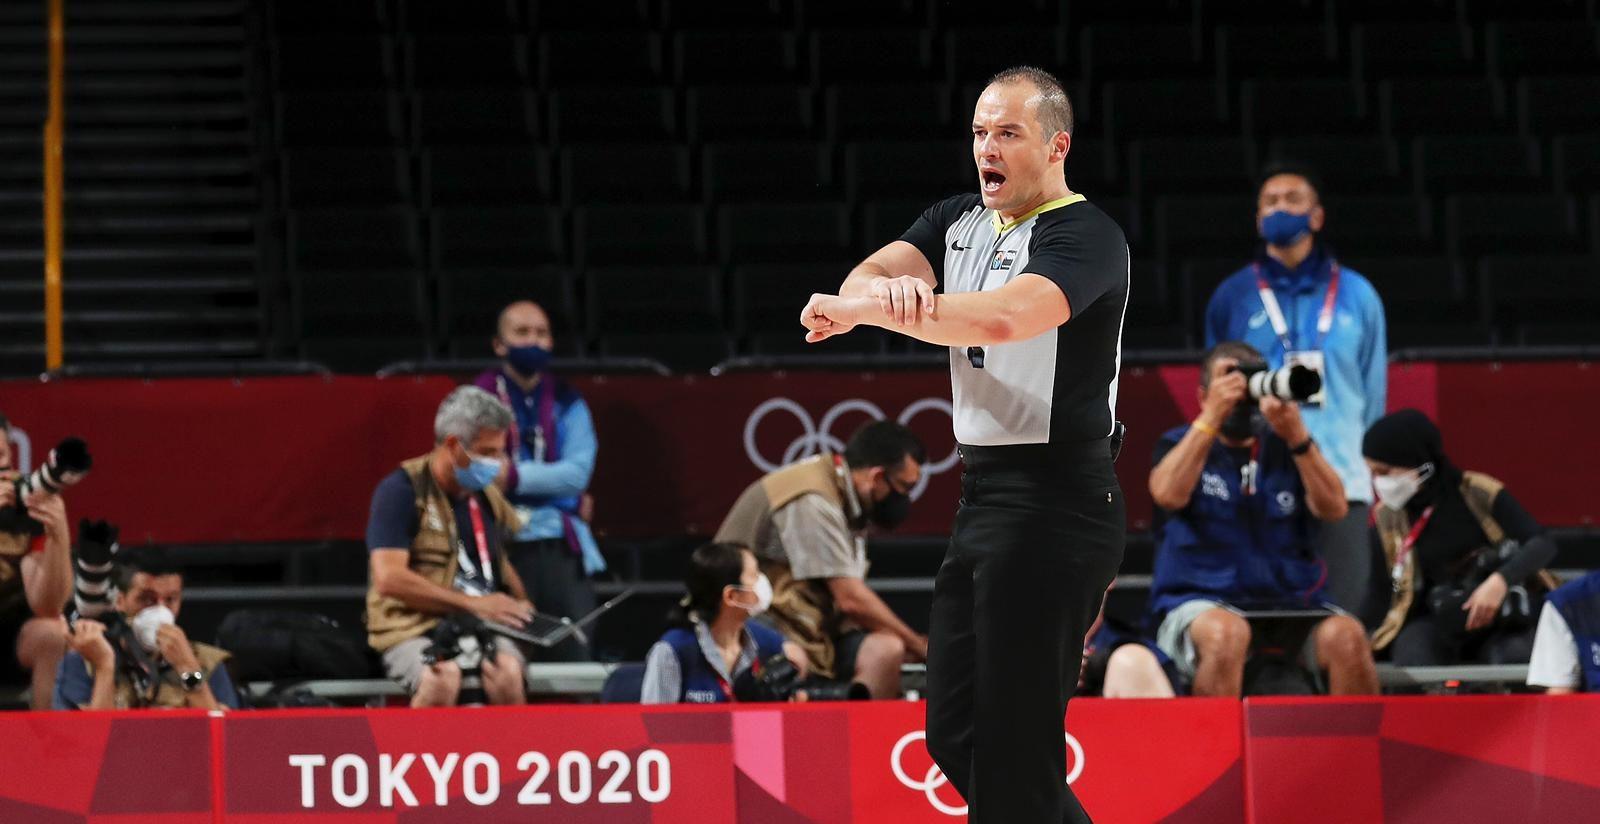 Tokyo 2020 : Yohan Rosso sur le match du bronze